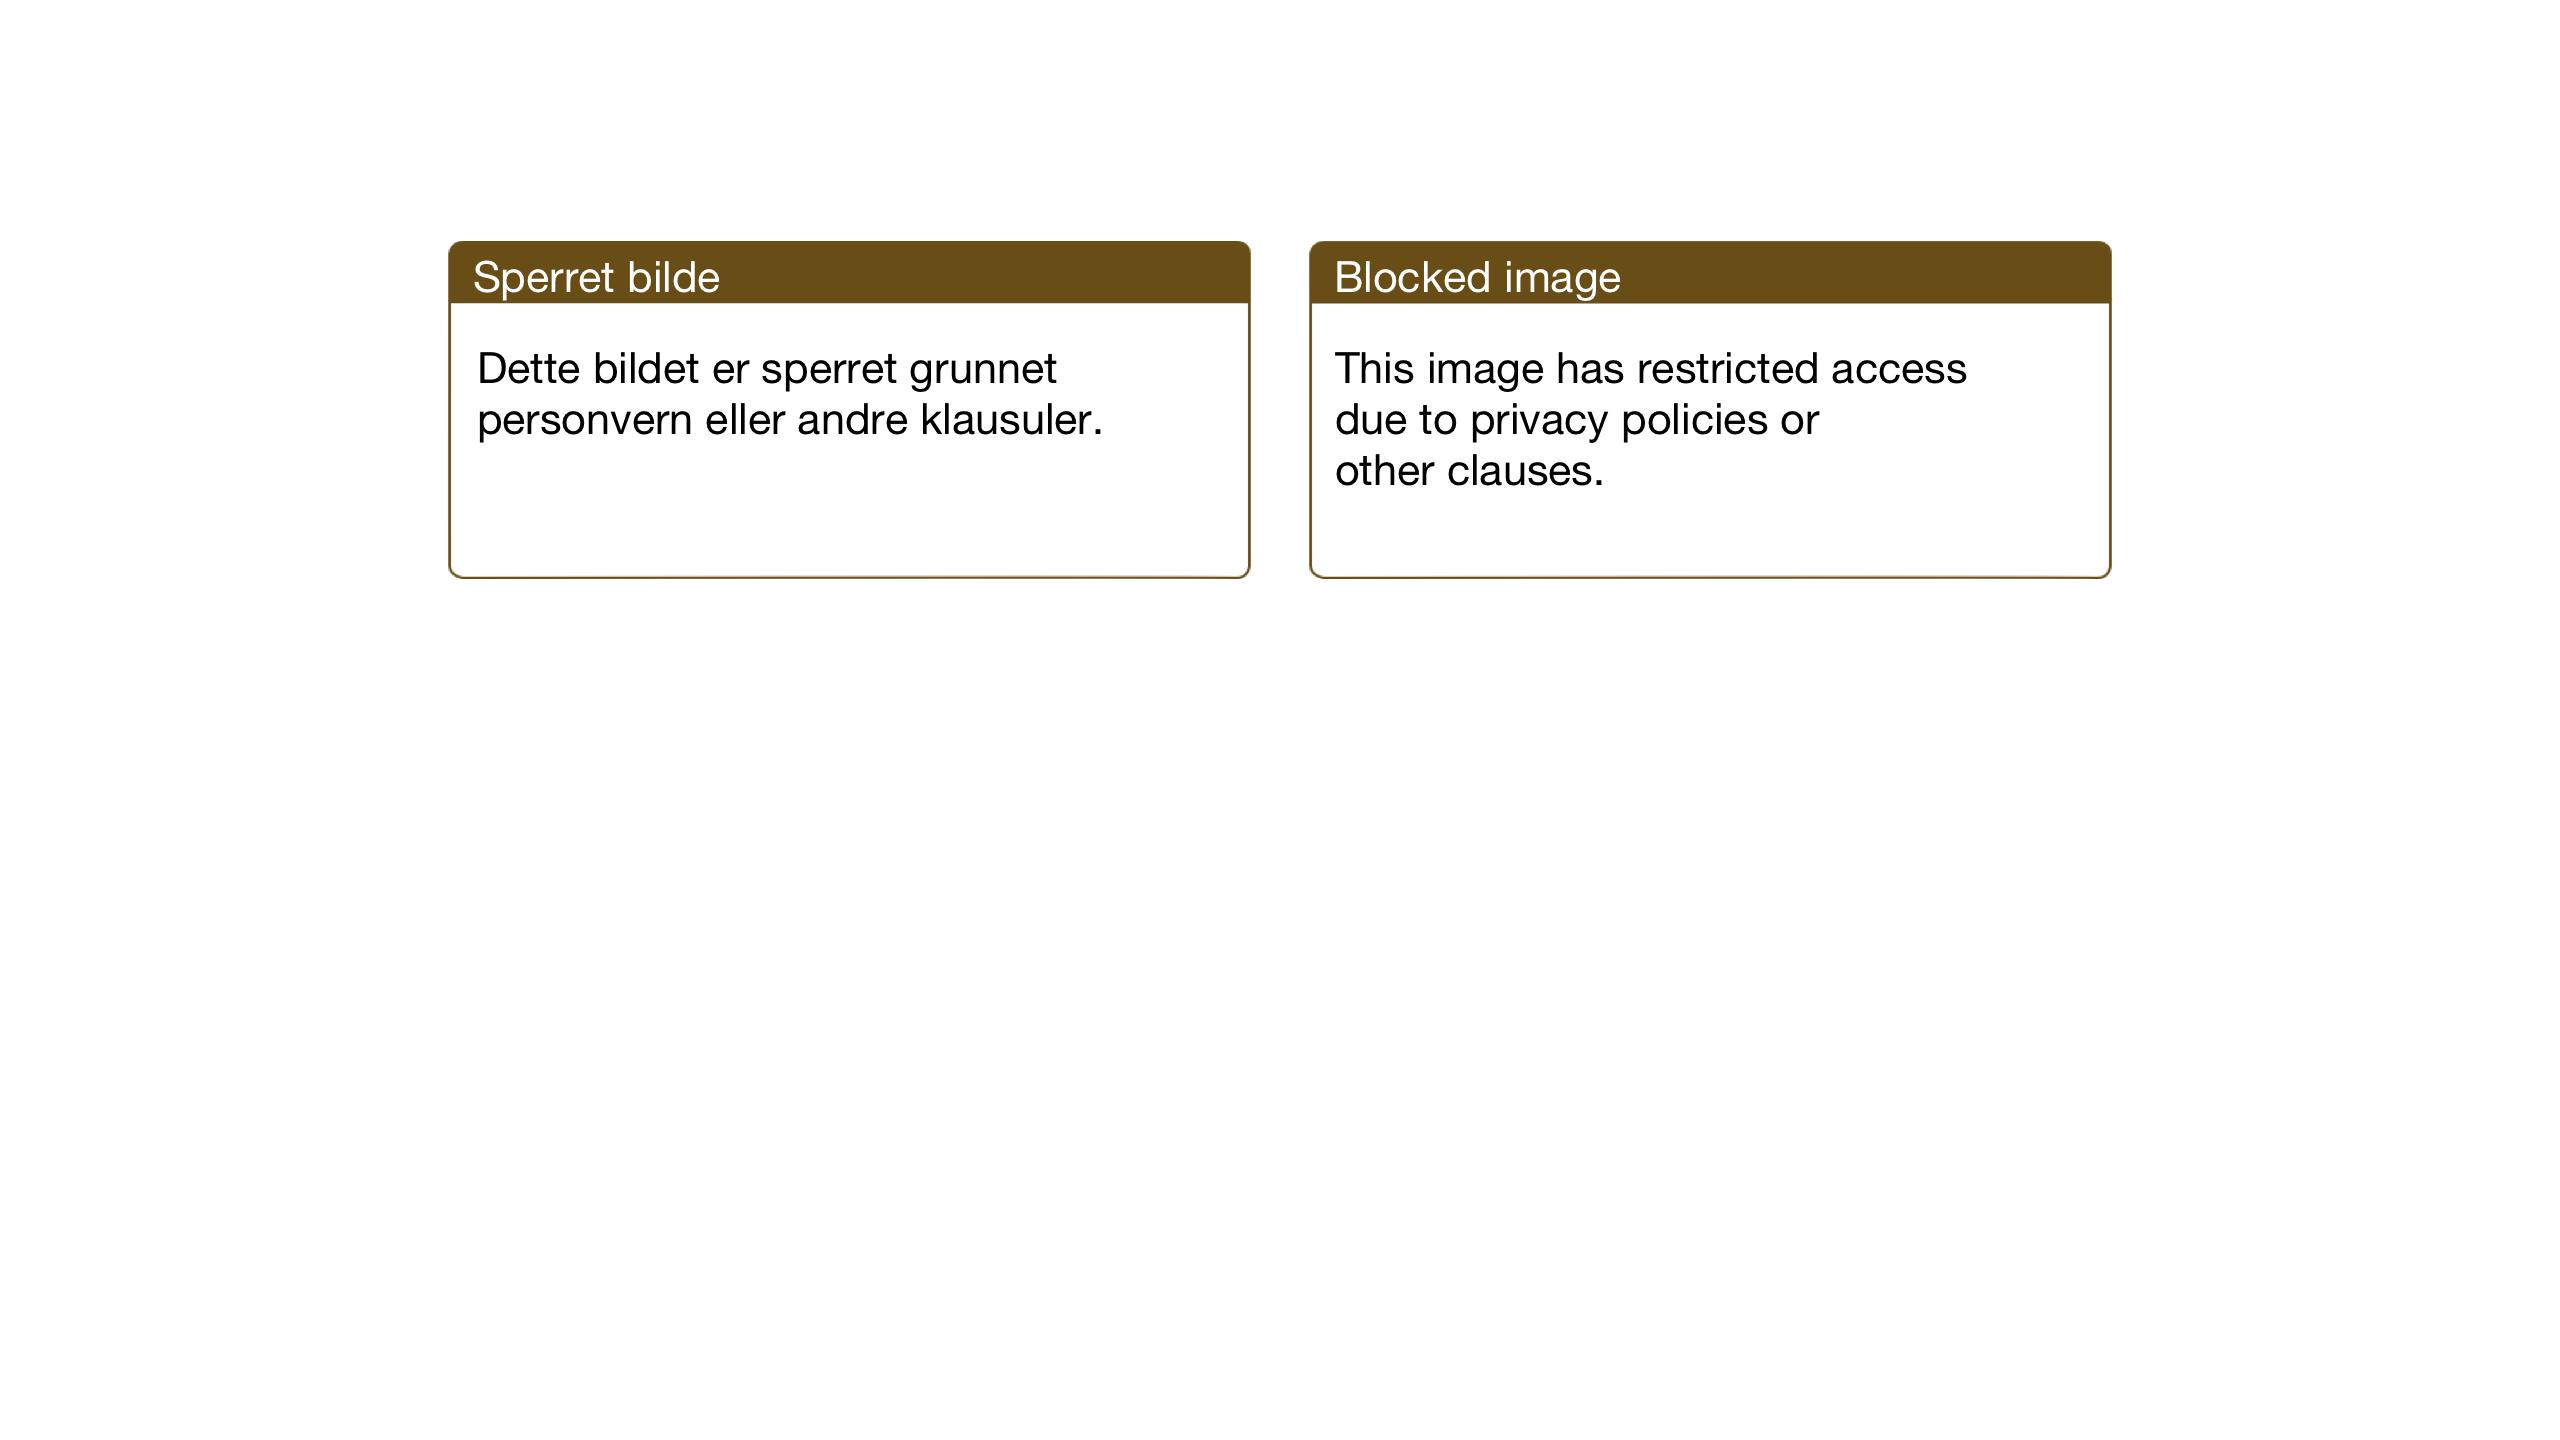 SAT, Ministerialprotokoller, klokkerbøker og fødselsregistre - Sør-Trøndelag, 681/L0944: Klokkerbok nr. 681C08, 1926-1954, s. 42